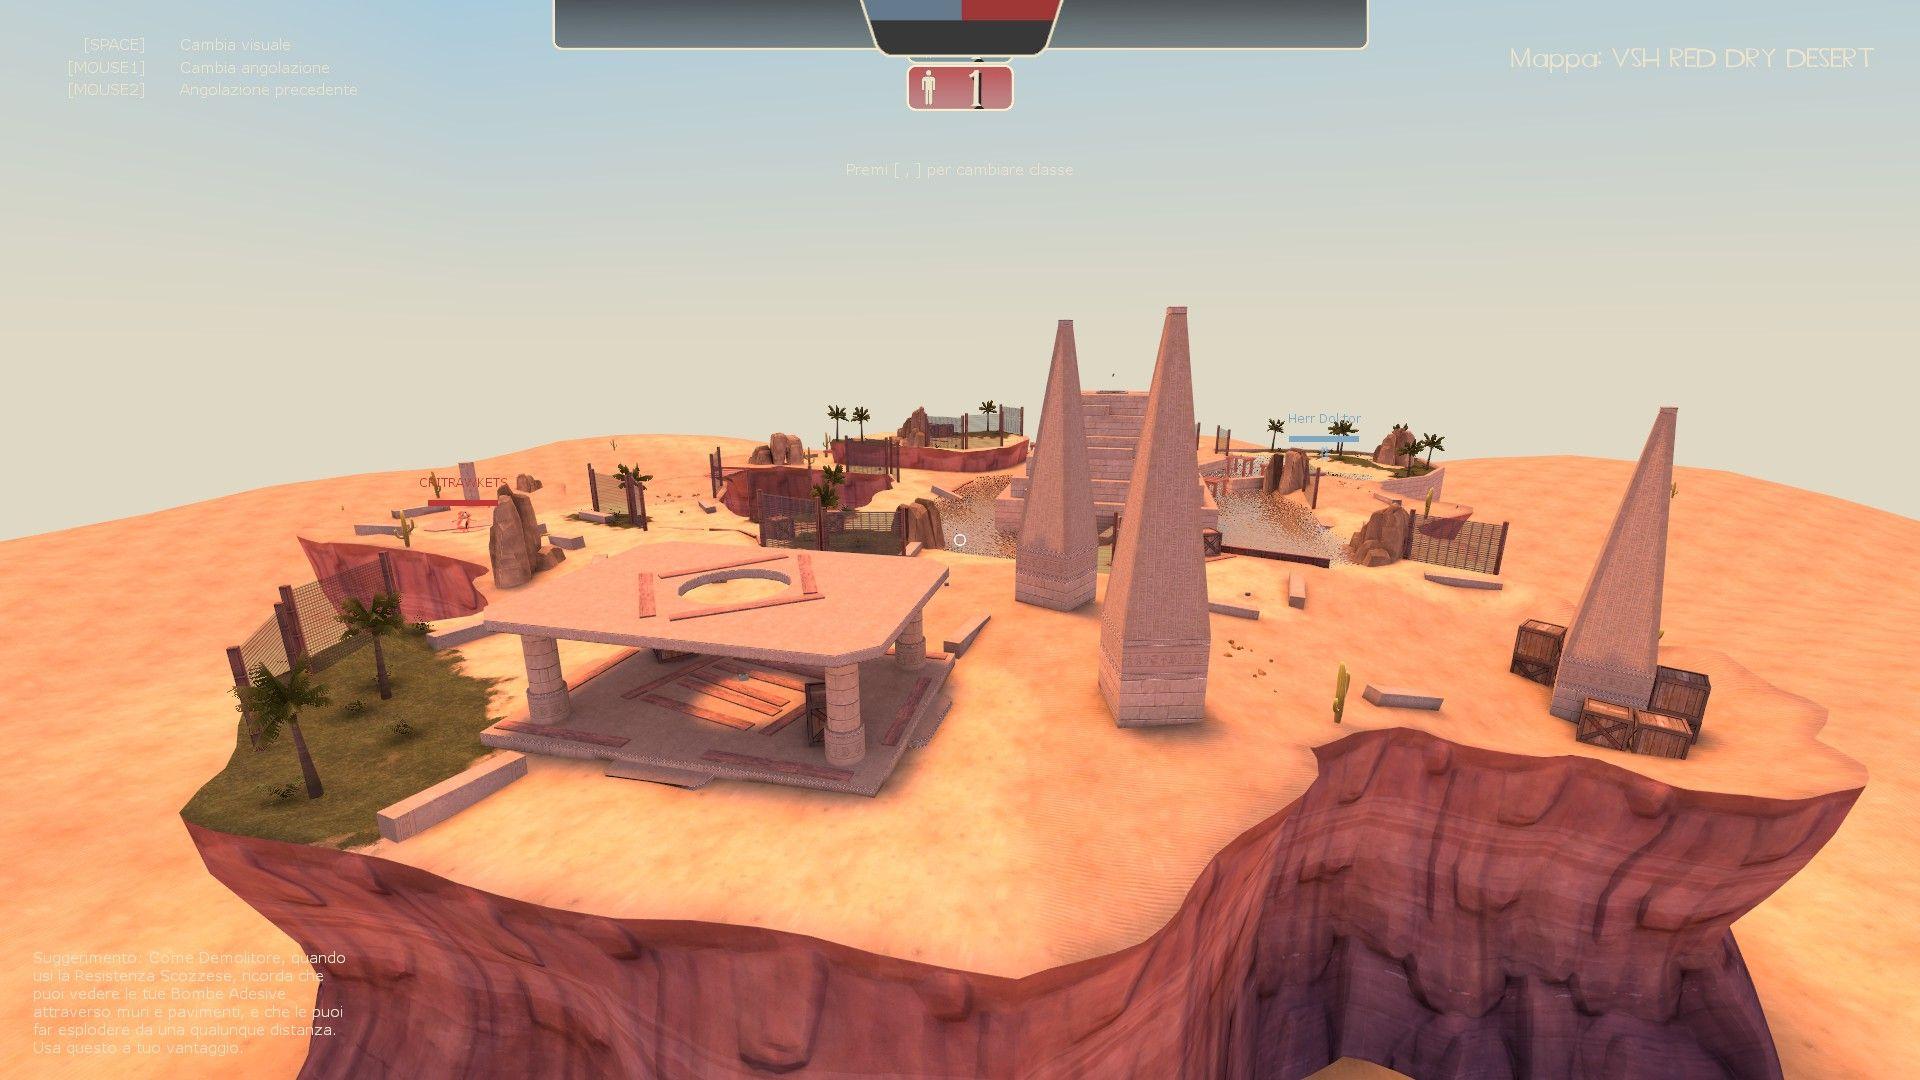 vsh_red_dry_desert0008.jpg